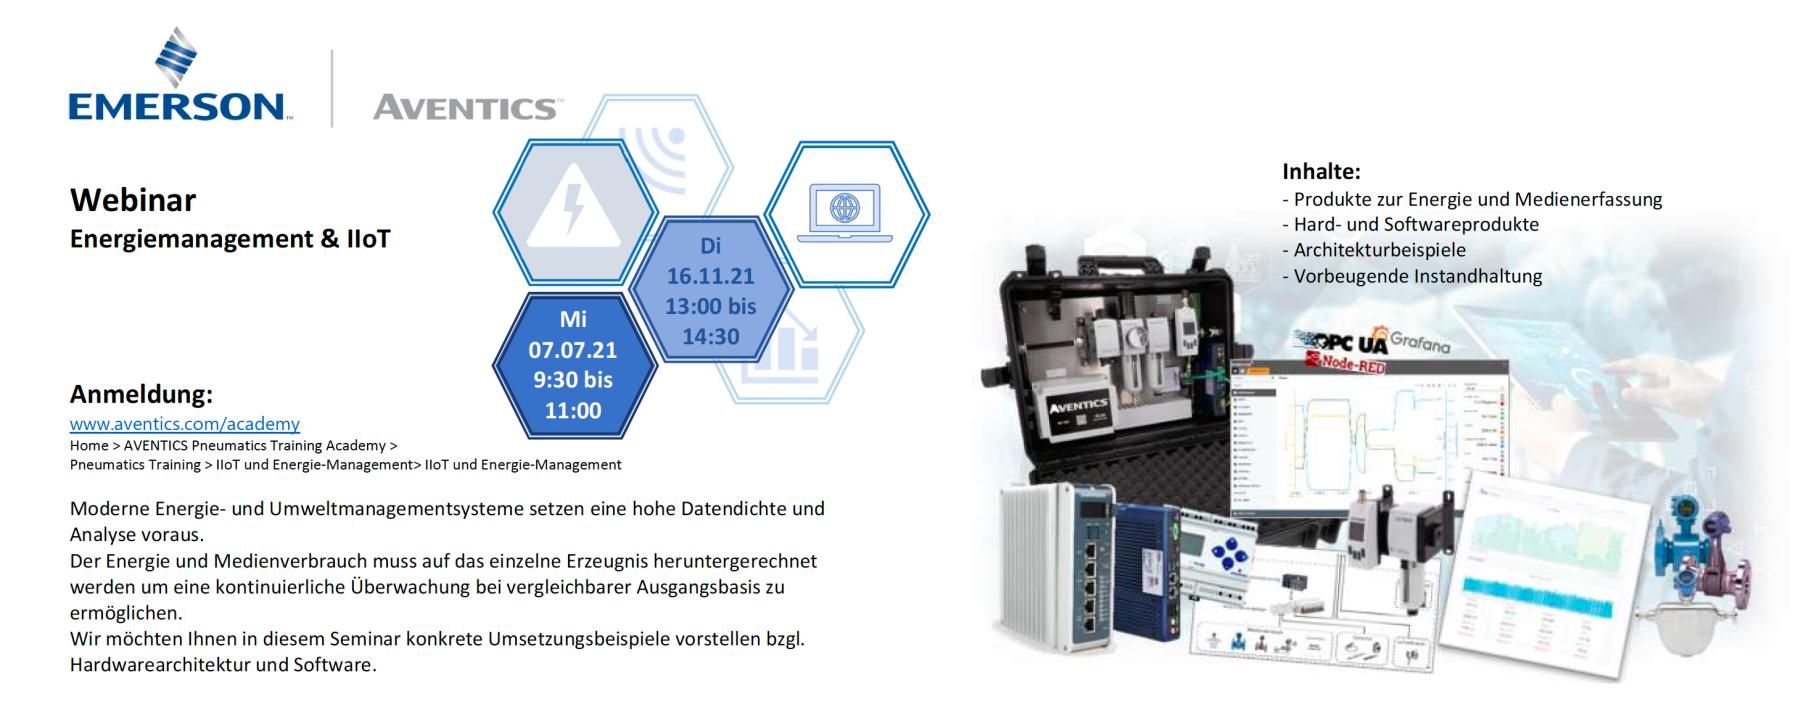 WEBINAR: Energiemanagement & IIoT